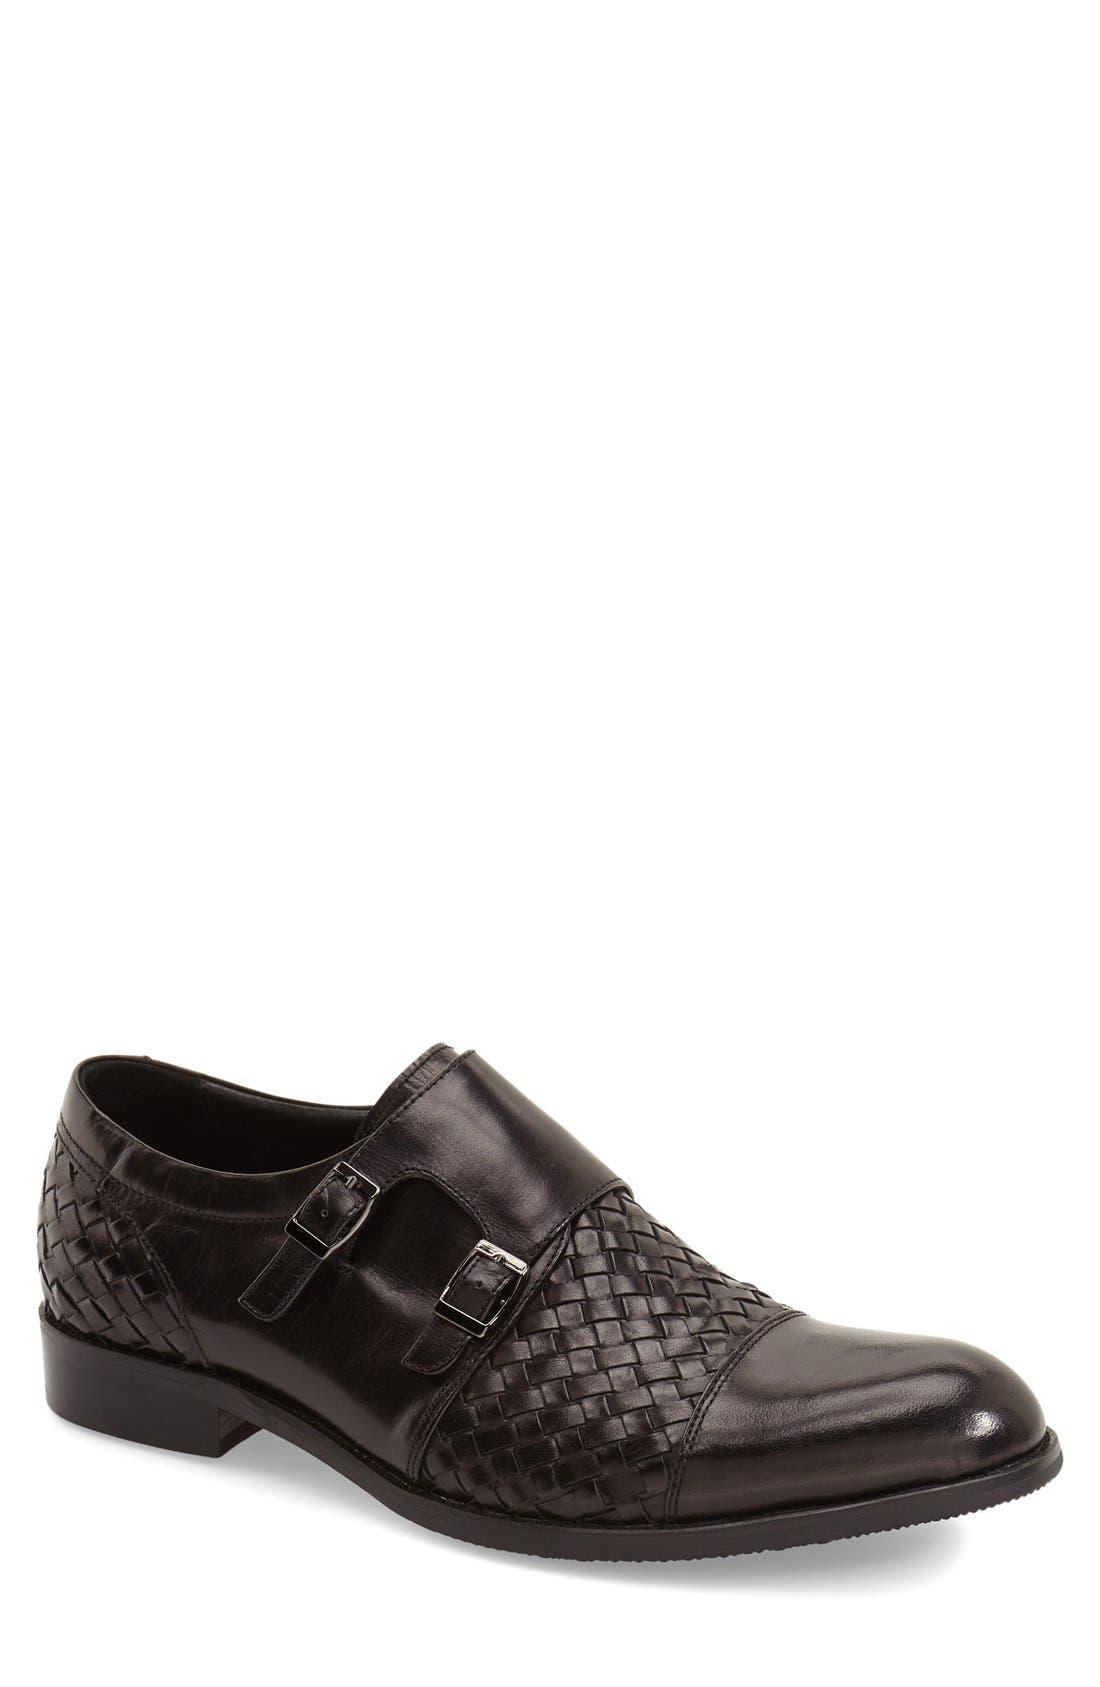 'Mahler' Monk Strap Shoe,                         Main,                         color, Black Leather